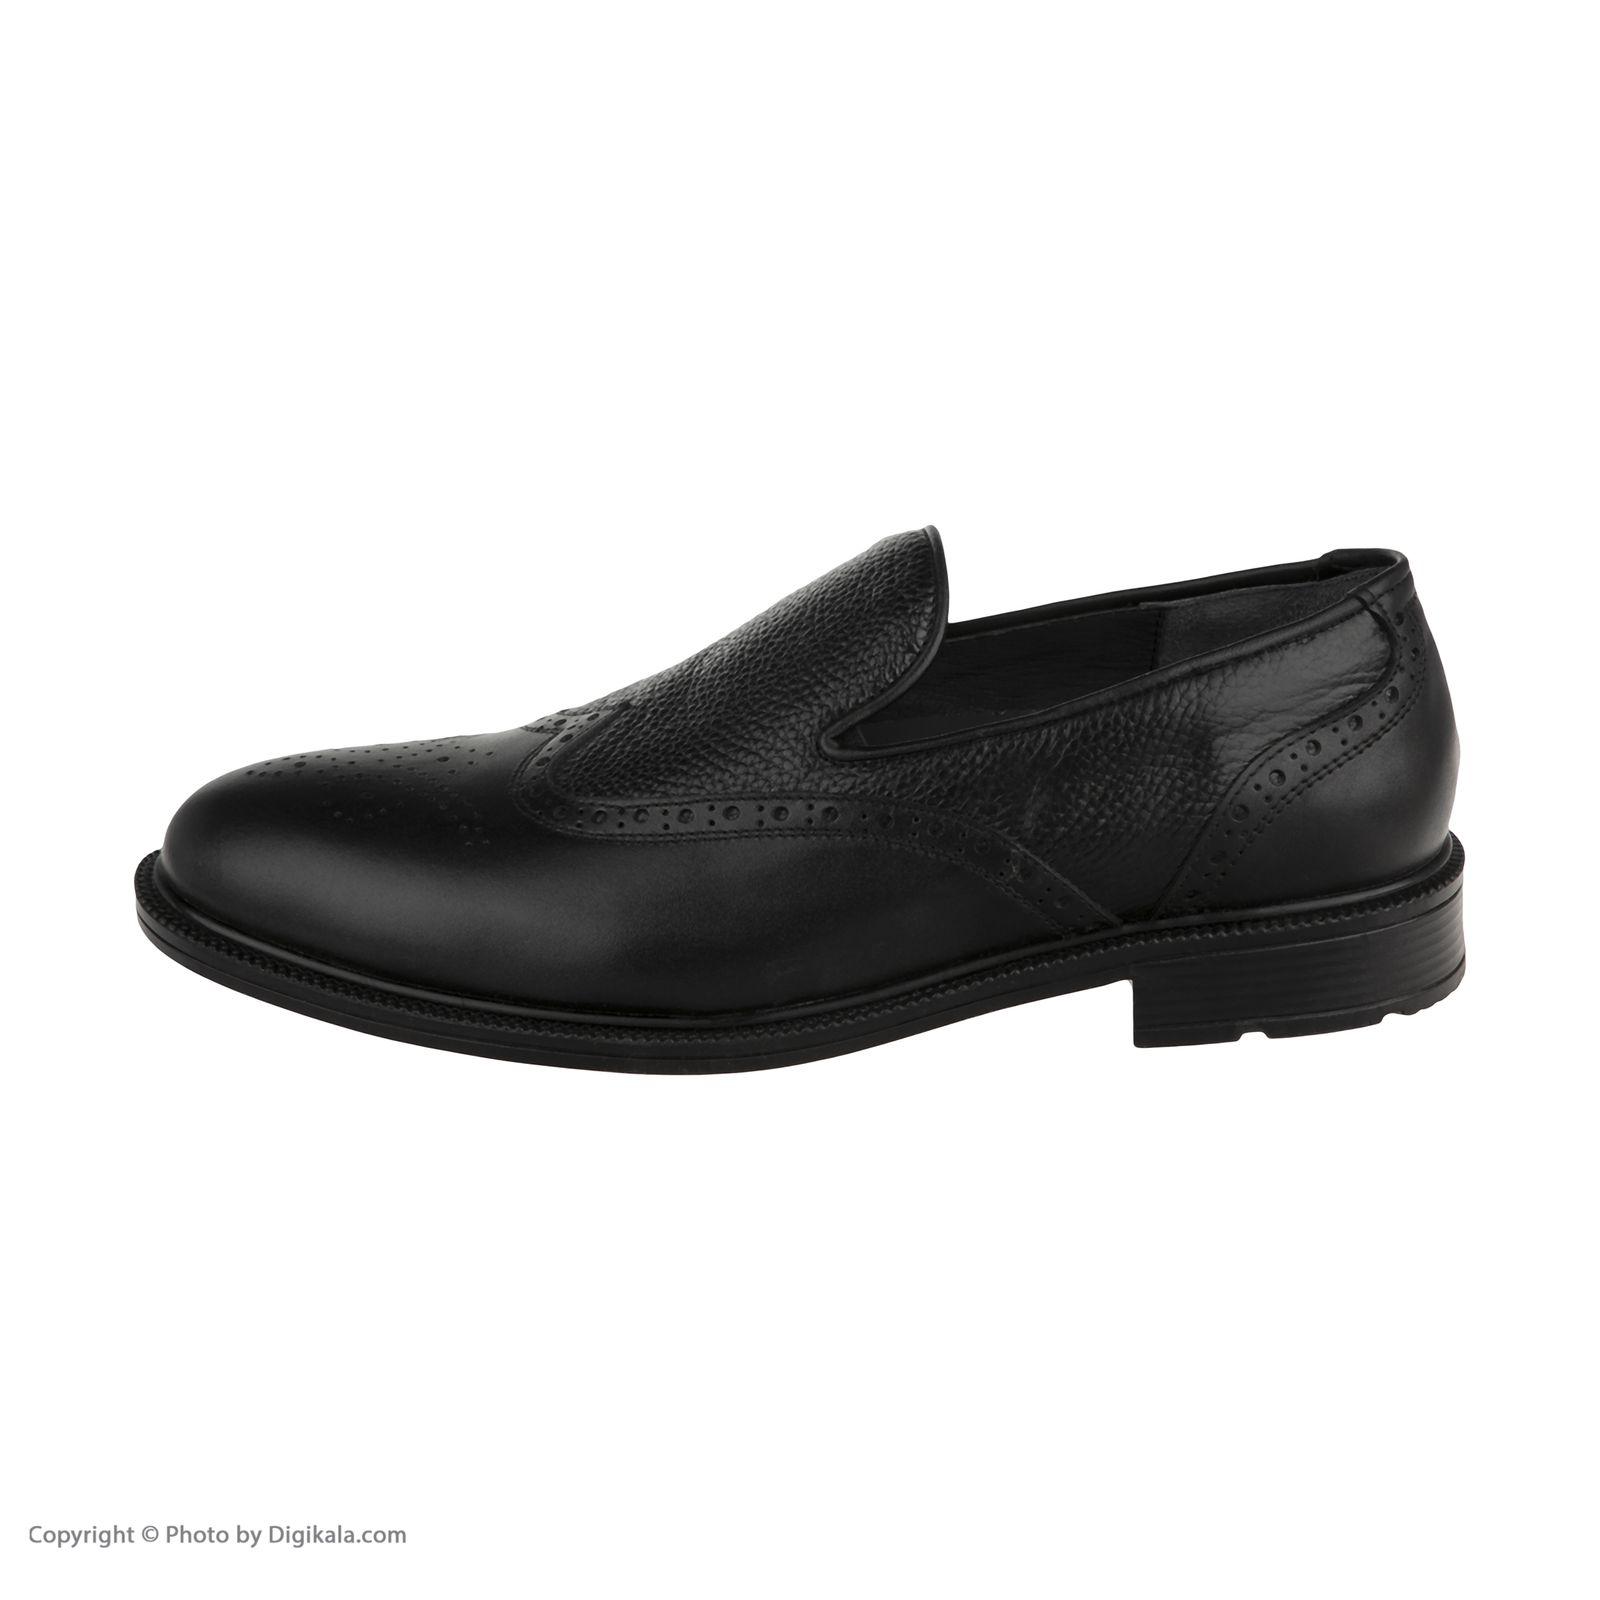 کفش مردانه بلوط مدل 7295A503101 -  - 3